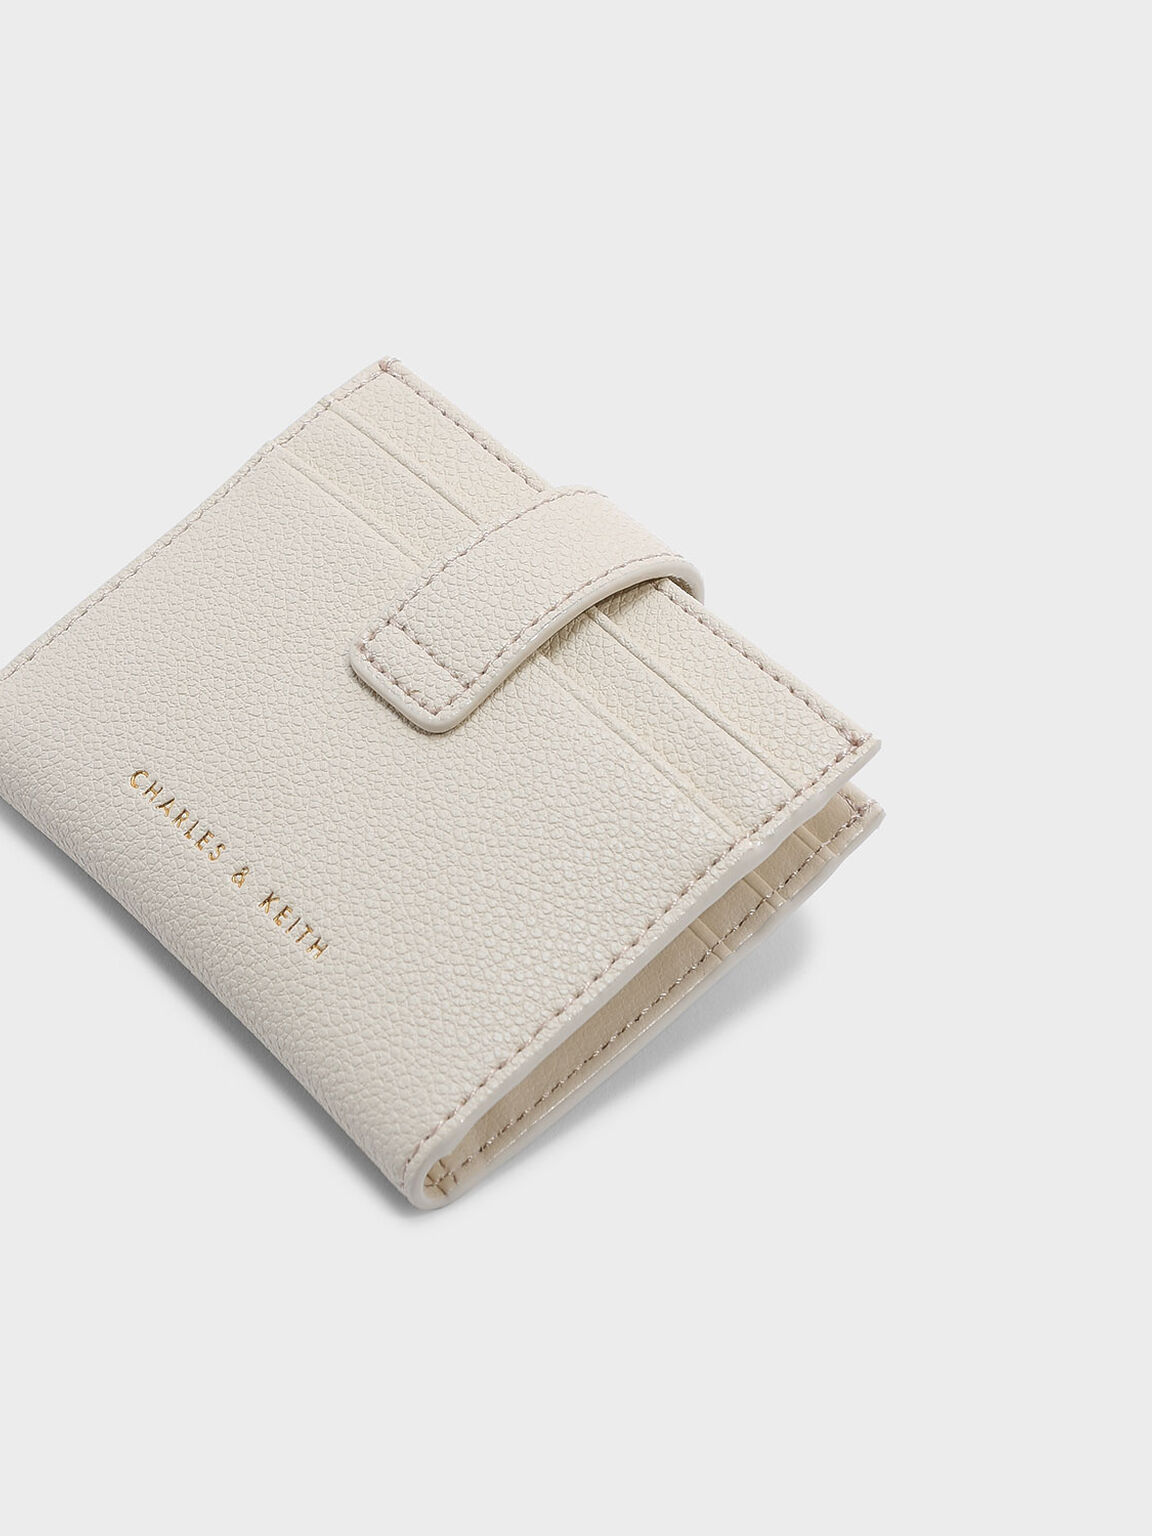 Snap Button Card Holder, Cream, hi-res